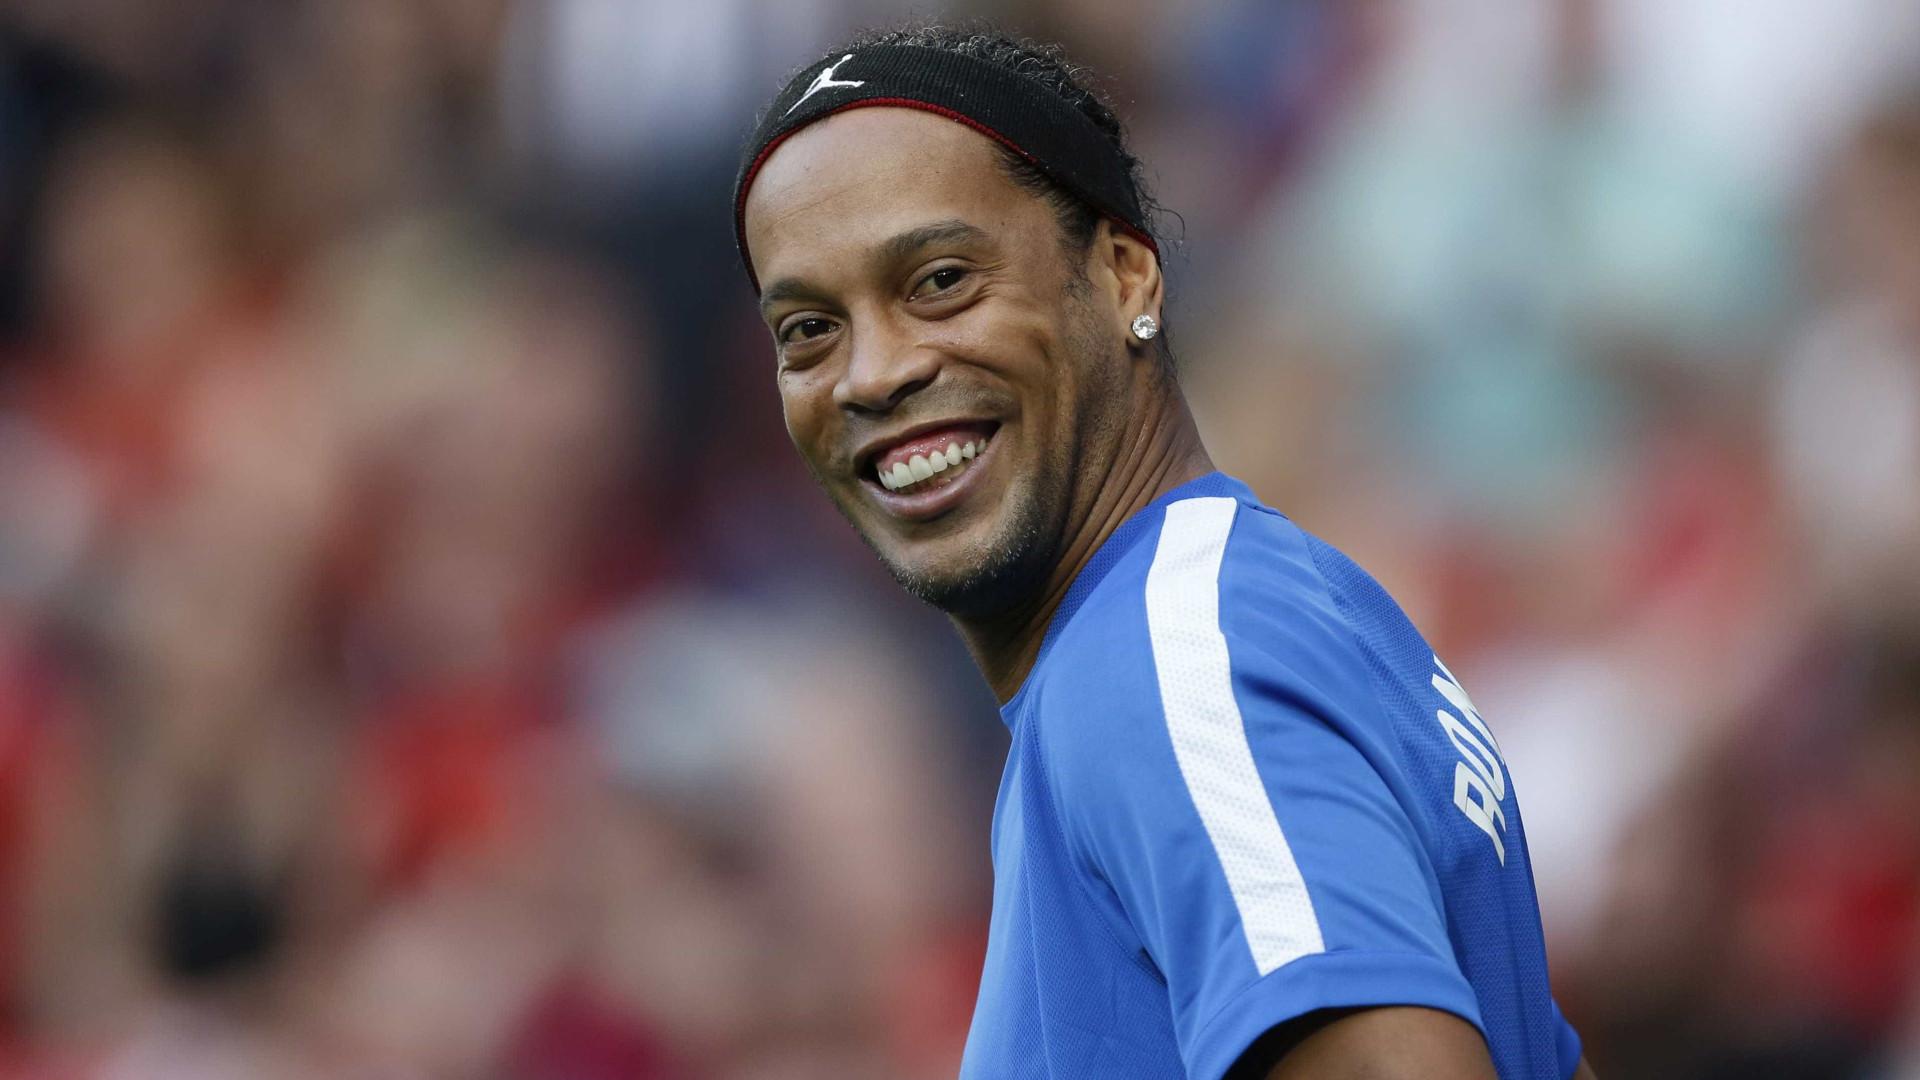 Ronaldinho tentará Senado no partido de Bolsonaro, diz colunista